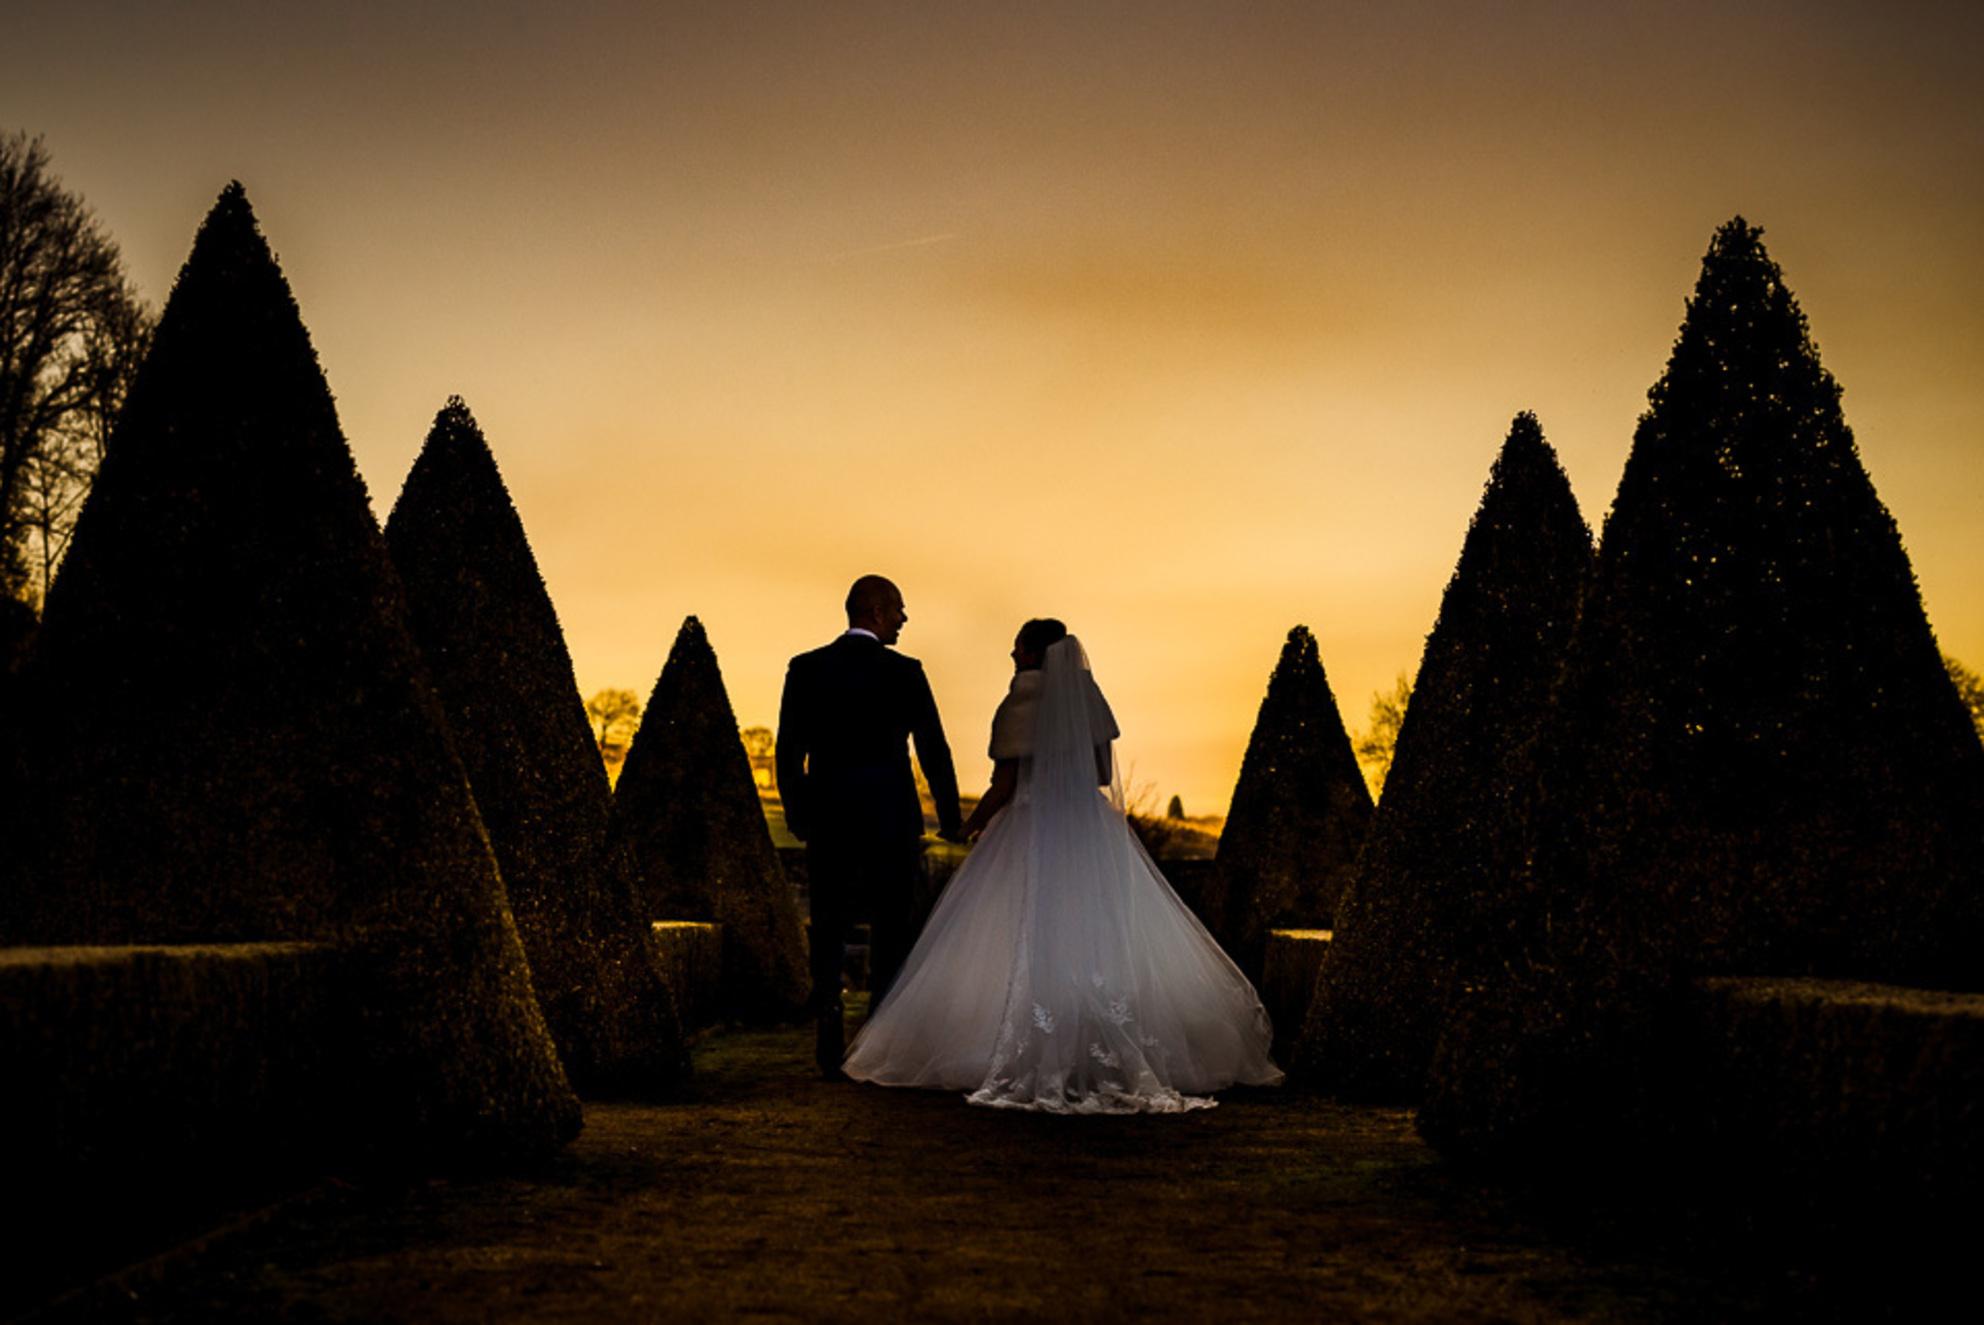 Sunset... - - - foto door stan83_zoom op 27-11-2019 - deze foto bevat: mensen, zon, sunset, avond, liefde, huwelijk, bruiloft, bruidspaar, bruidsfotografie - Deze foto mag gebruikt worden in een Zoom.nl publicatie